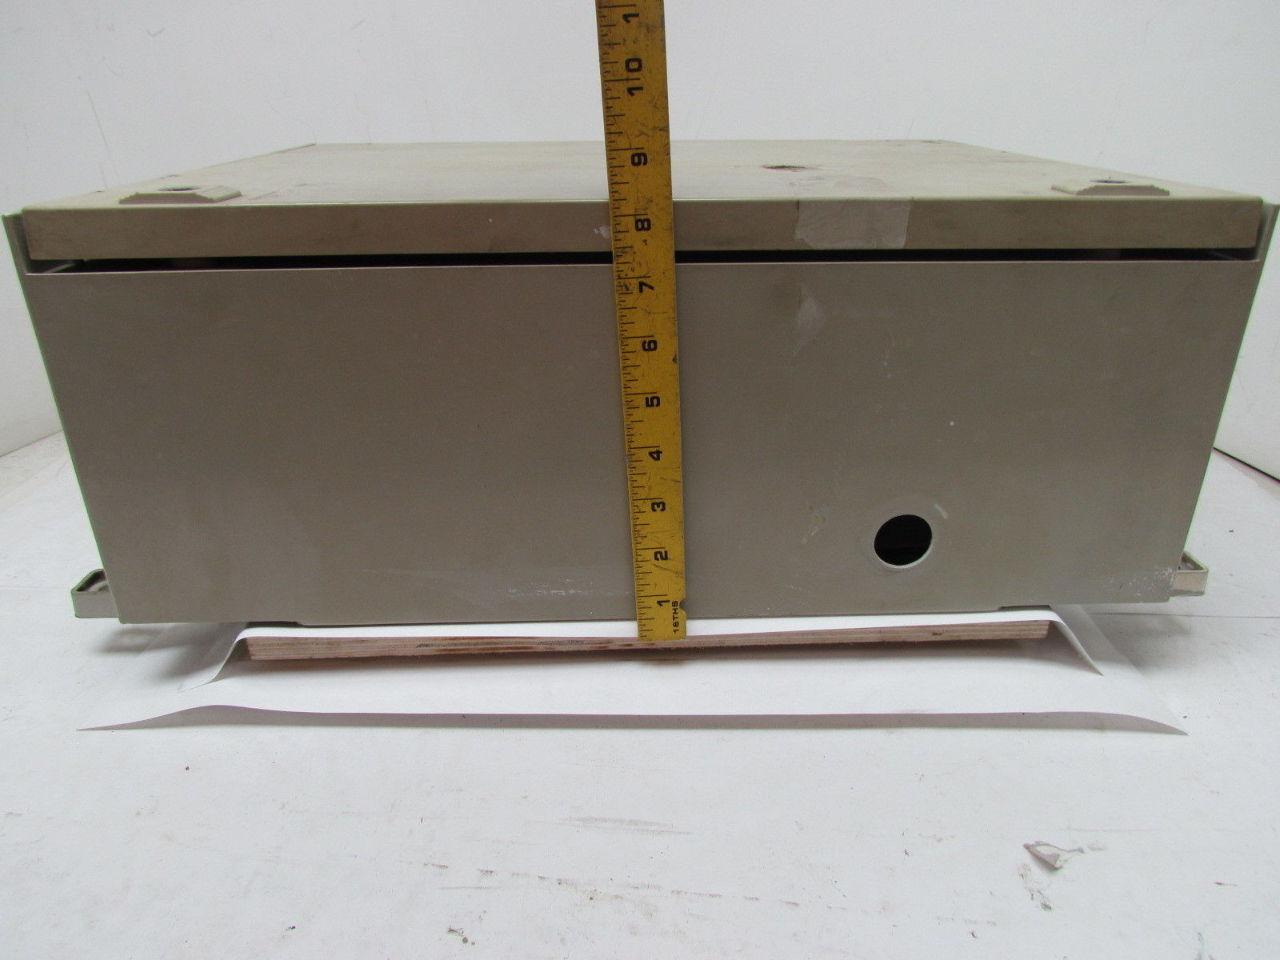 Metallic Electrical Boxes : Carlon hp b non metallic junction box electrical